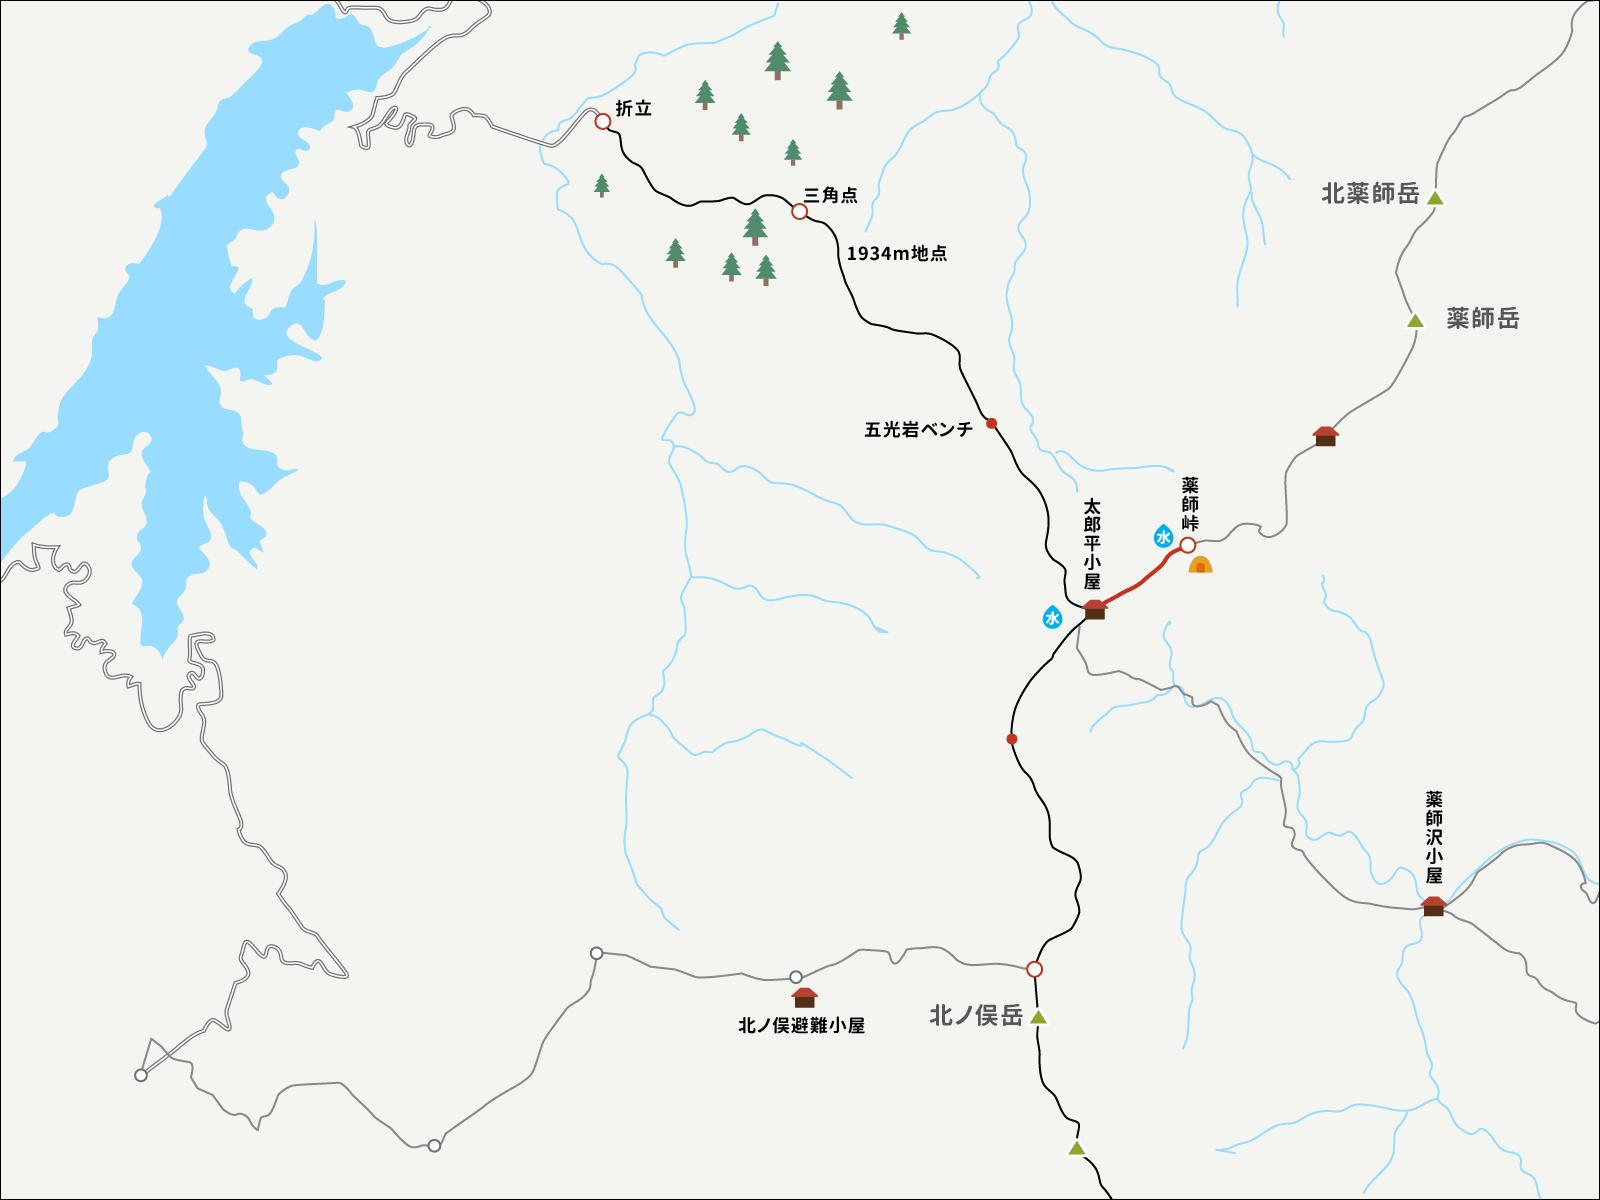 太郎平小屋から薬師峠までのイラストマップ